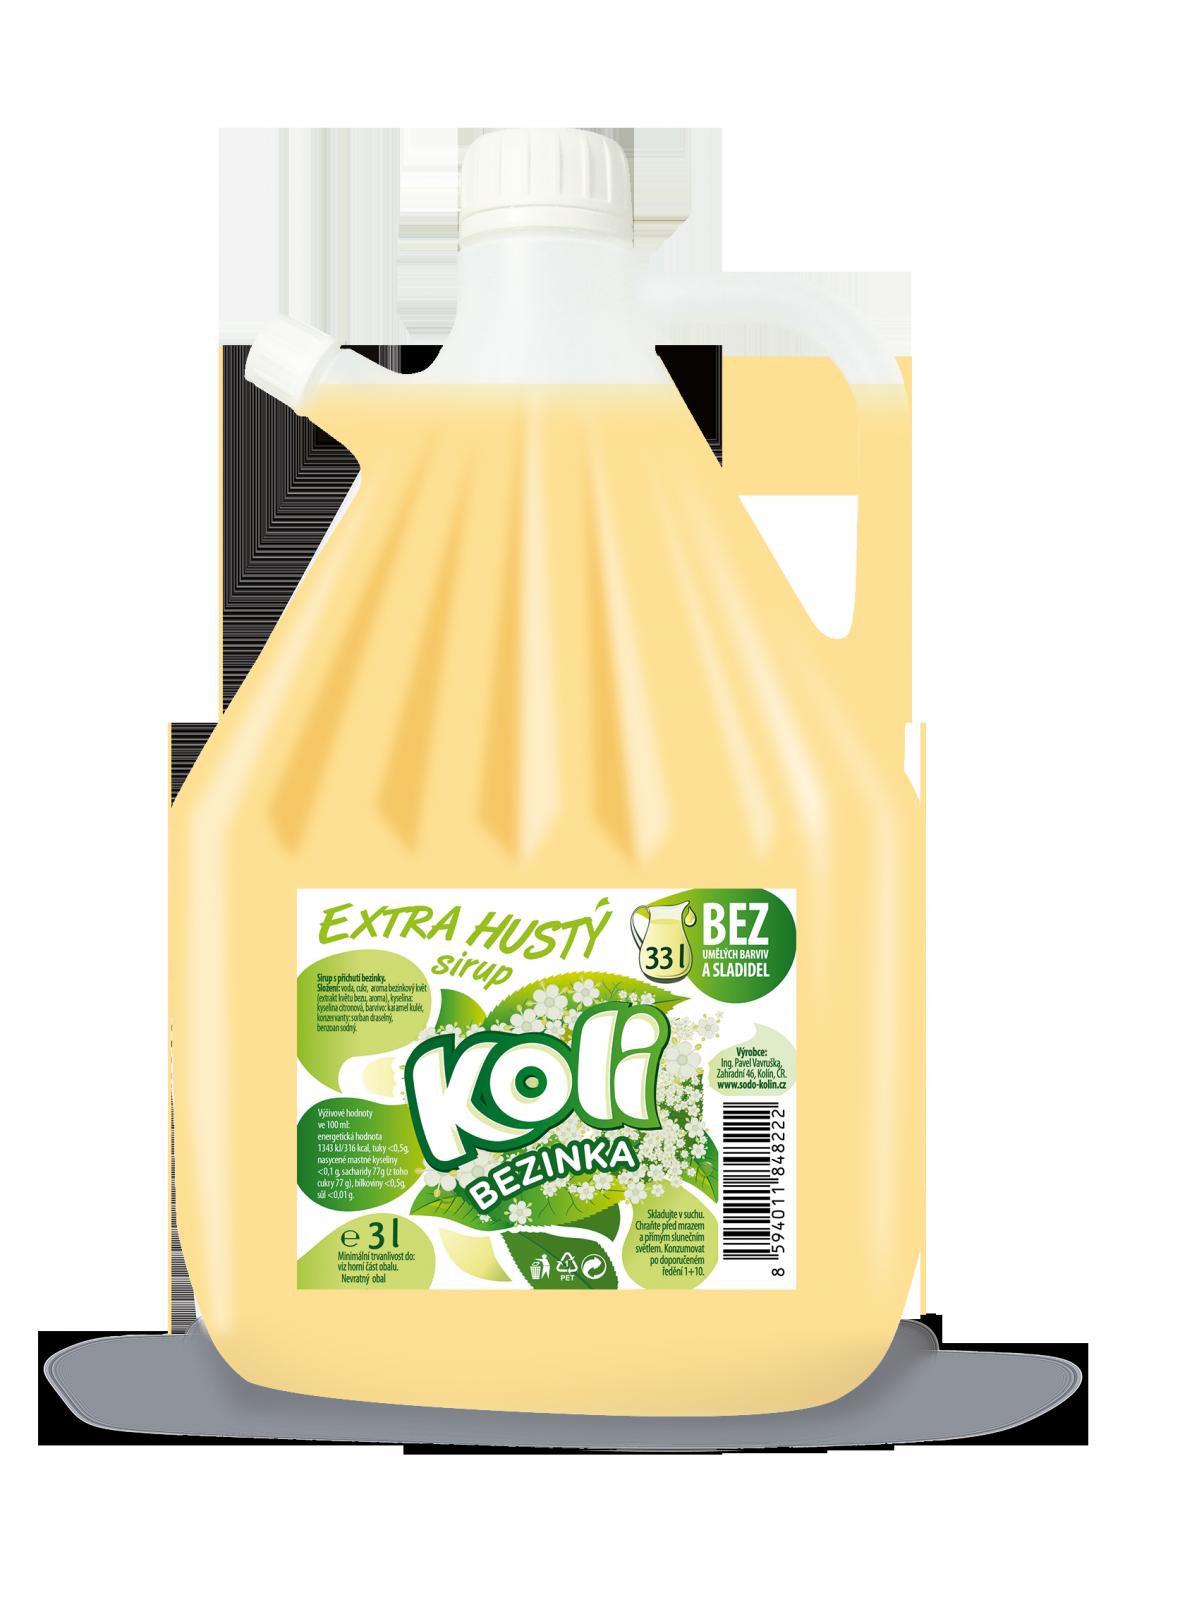 Koli sirup EXTRA hustý 3lt bezinka Osvěžující limonáda Koli s příchutí bezinky. Sodovkárna Kolín